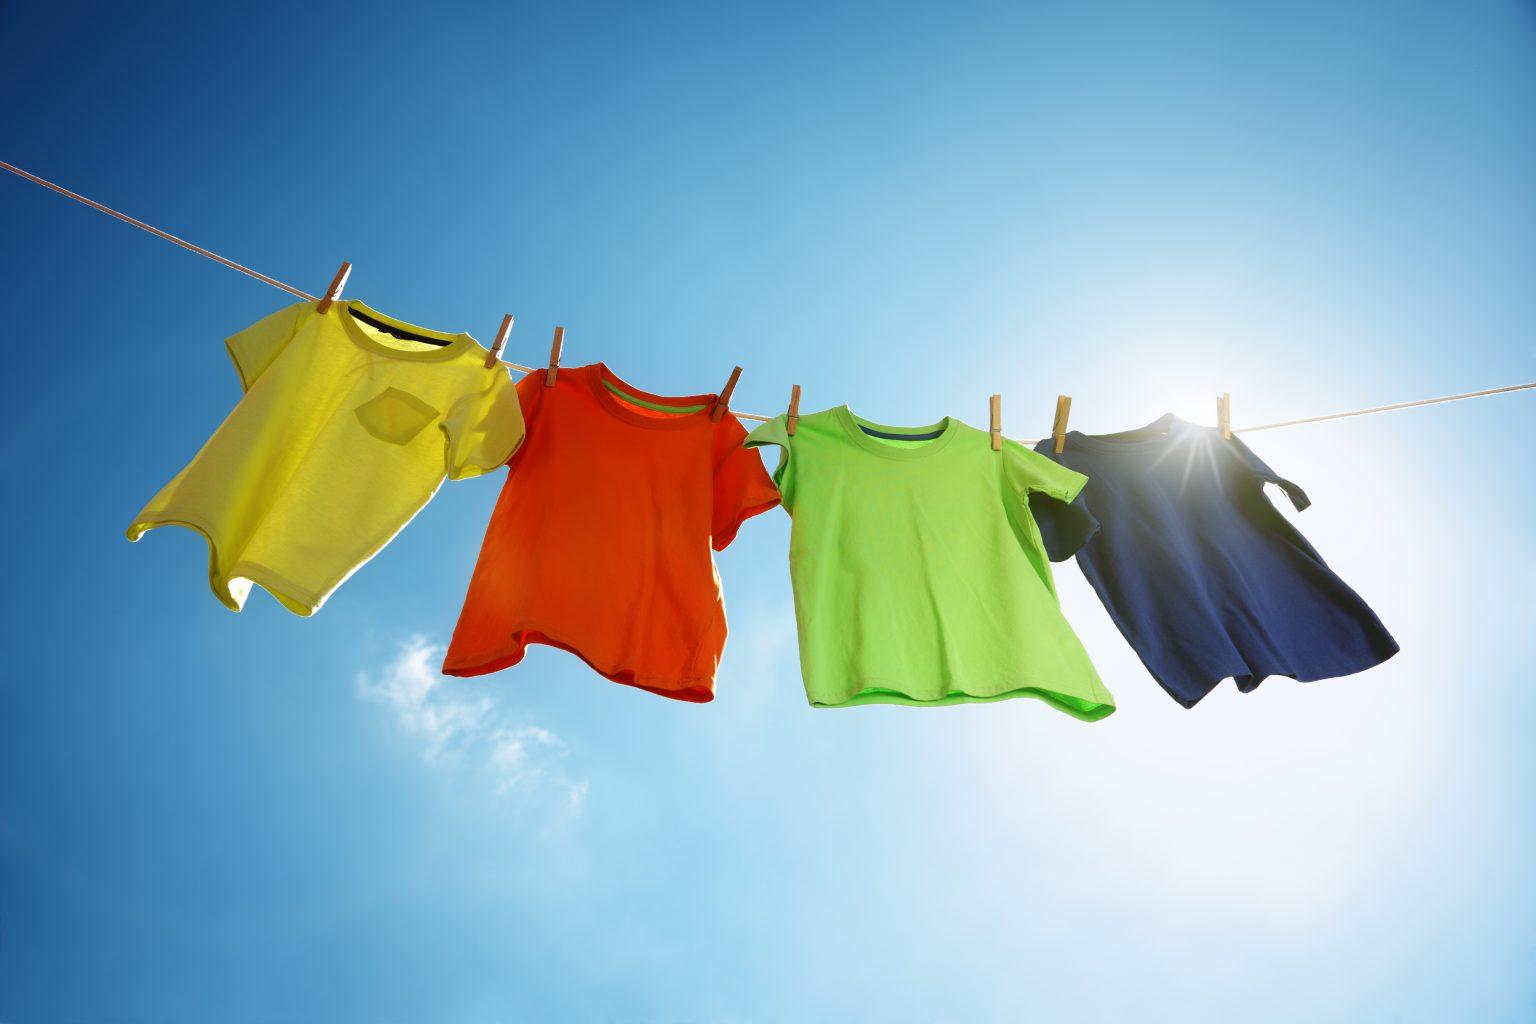 Çamaşırların renklerinin solmadan uzun süre canlılığını koruması için ne yapmalıyım?